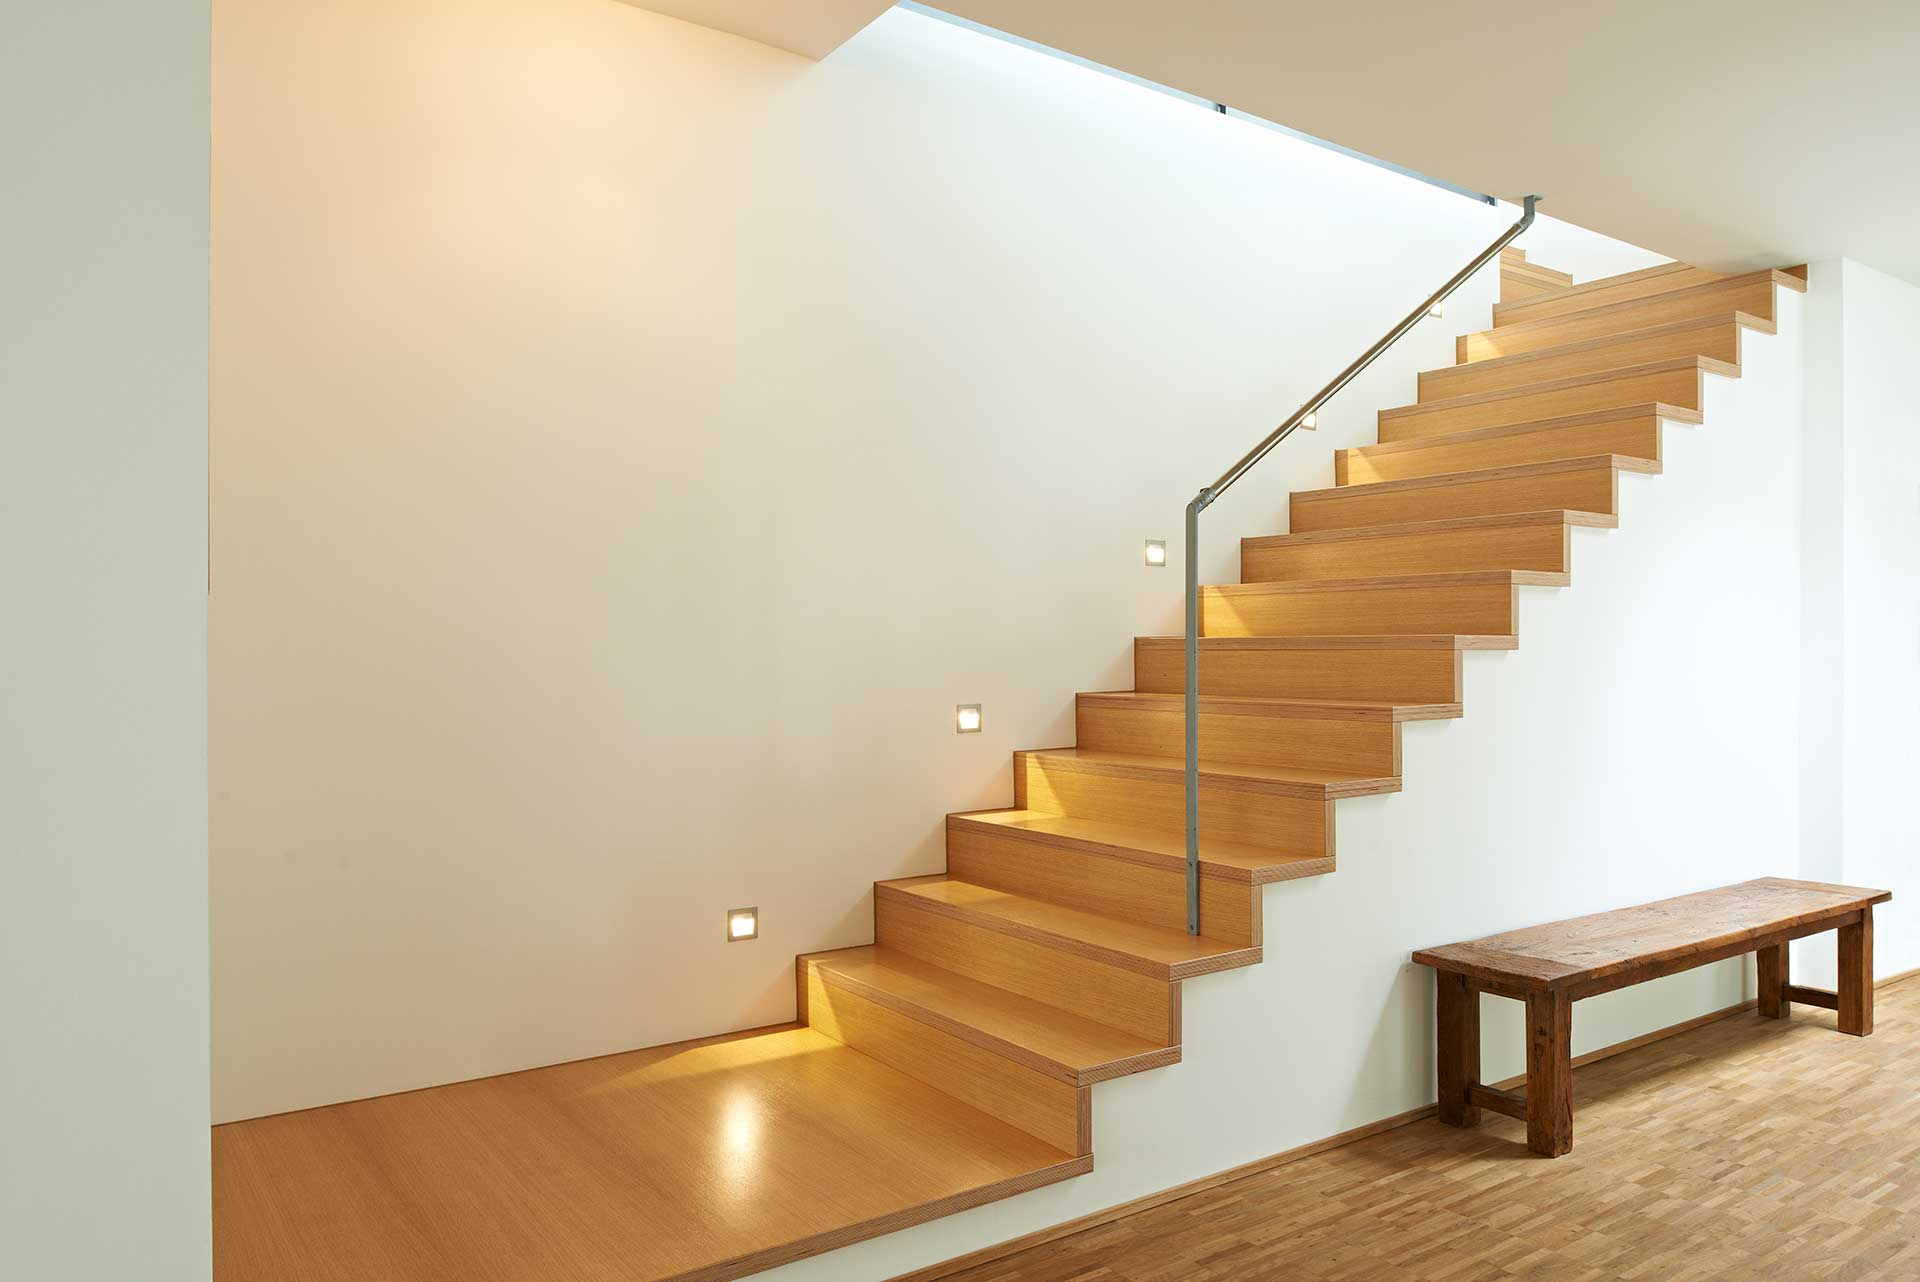 treppe 1 m bel b hler schorndorf. Black Bedroom Furniture Sets. Home Design Ideas